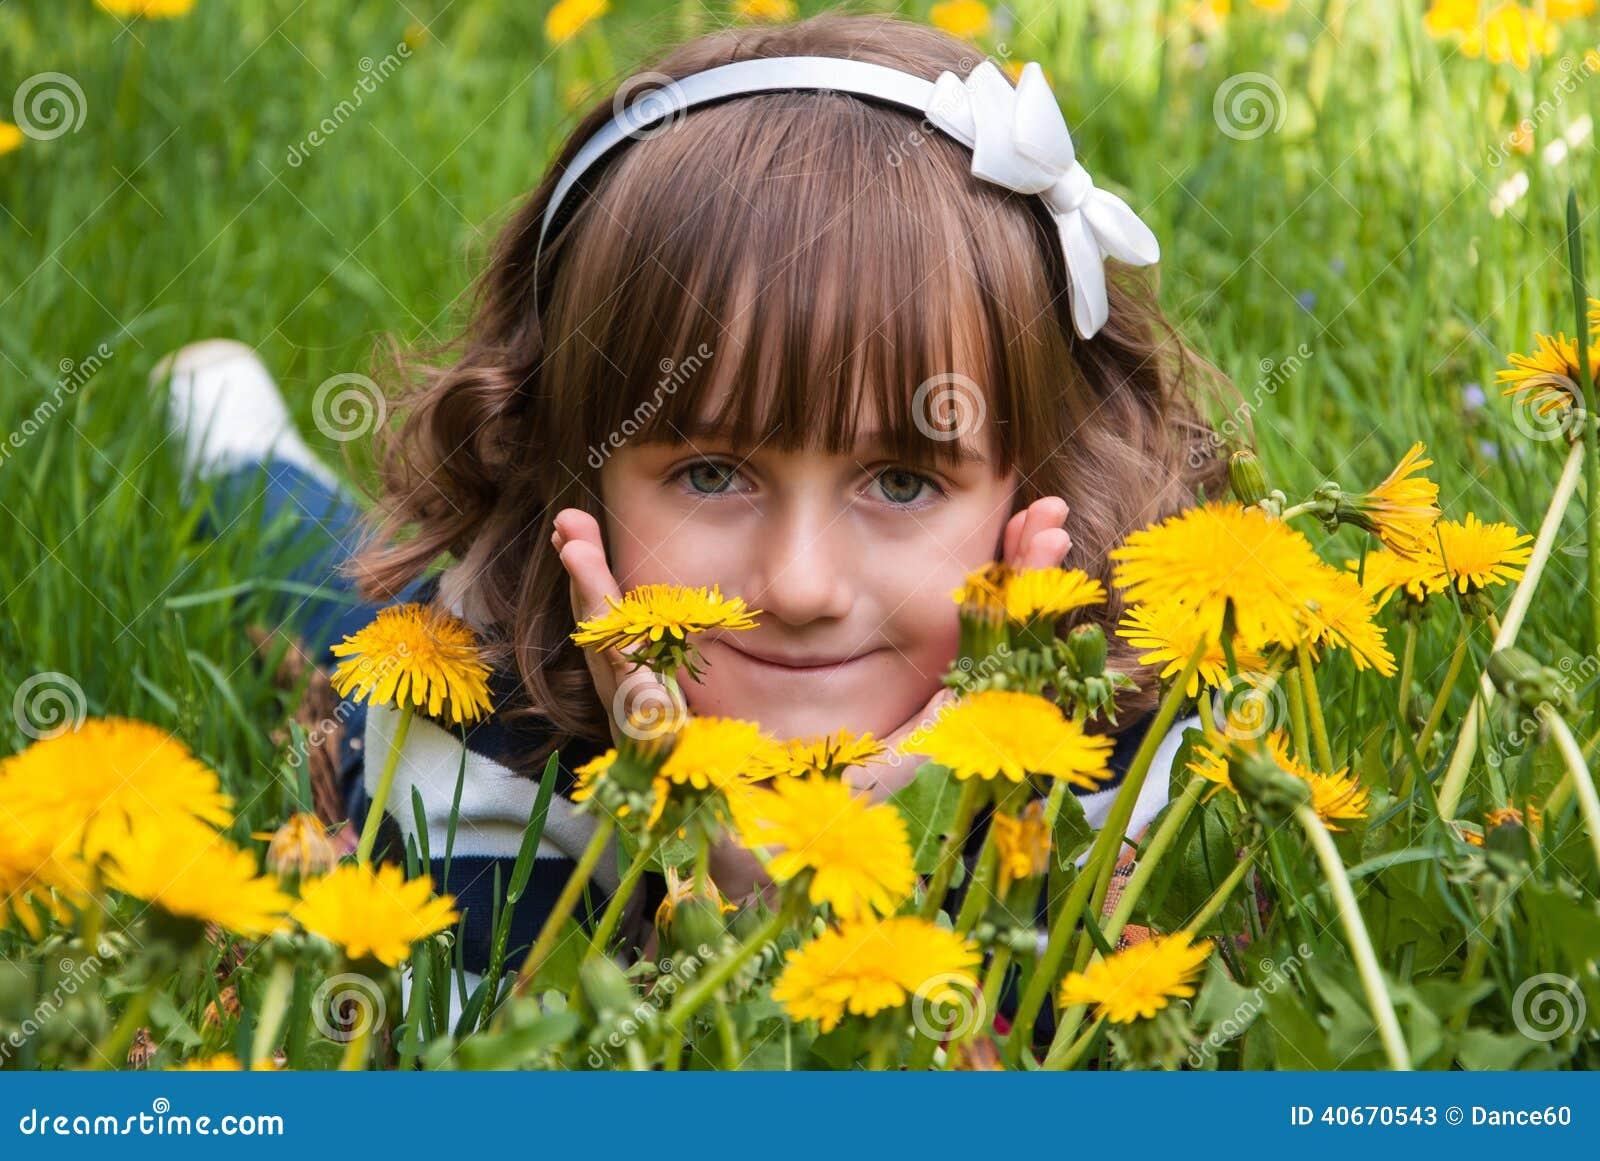 Little Girl Among Yellow Flowers Stock Image Image Of Child